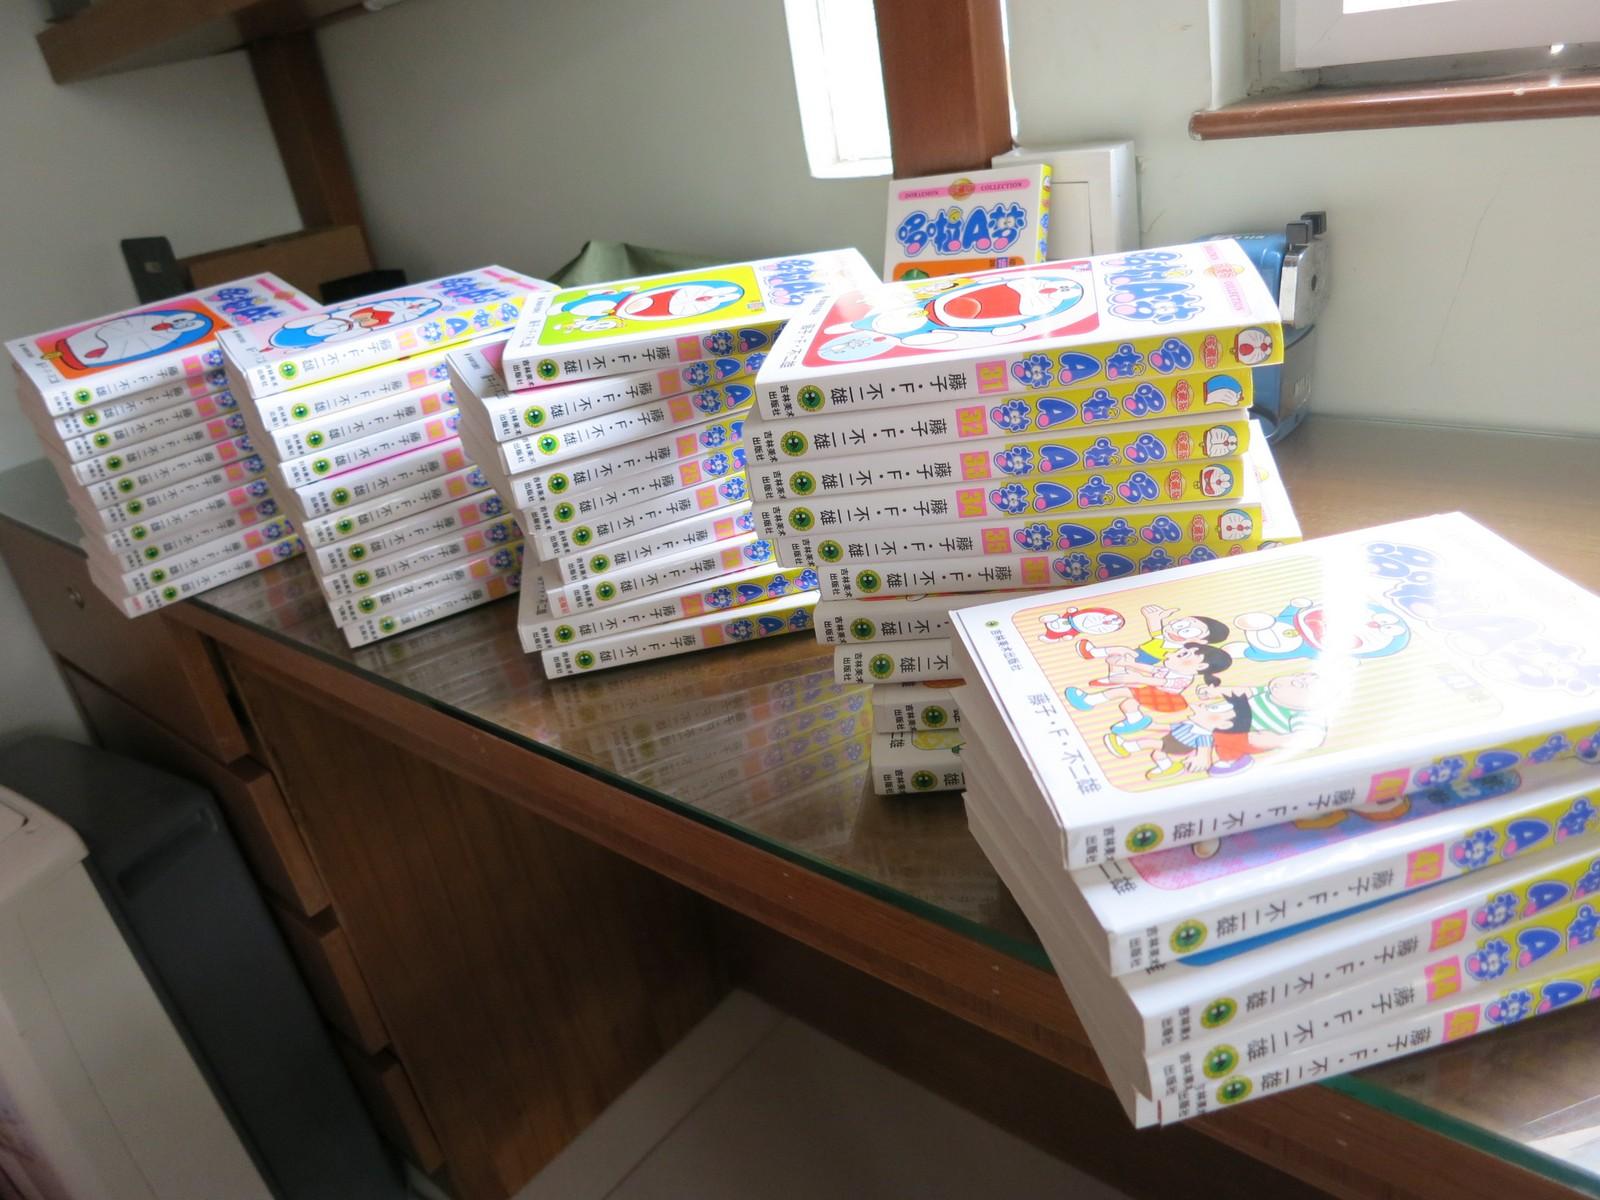 多啦A夢 全套漫畫 (珍藏版) 1-45冊